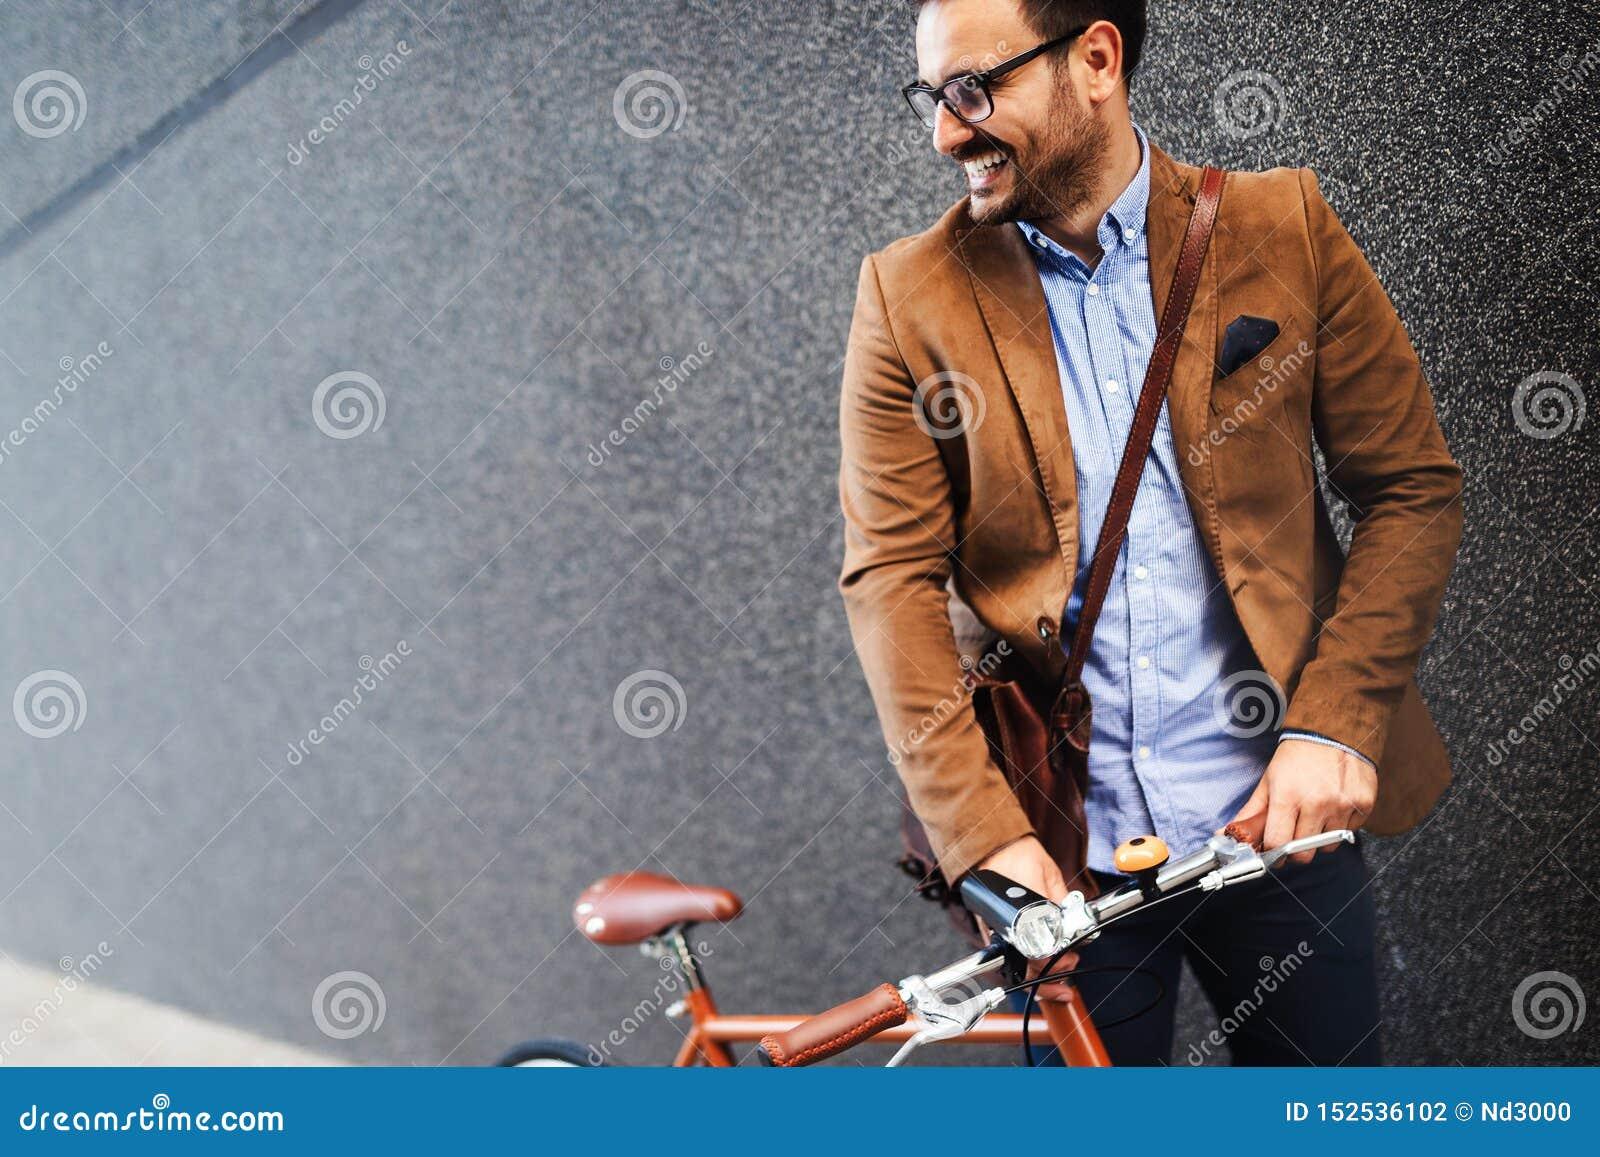 Zakenman met fiets om aan stedelijke straat in stad te werken Vervoer en gezond levensstijlconcept